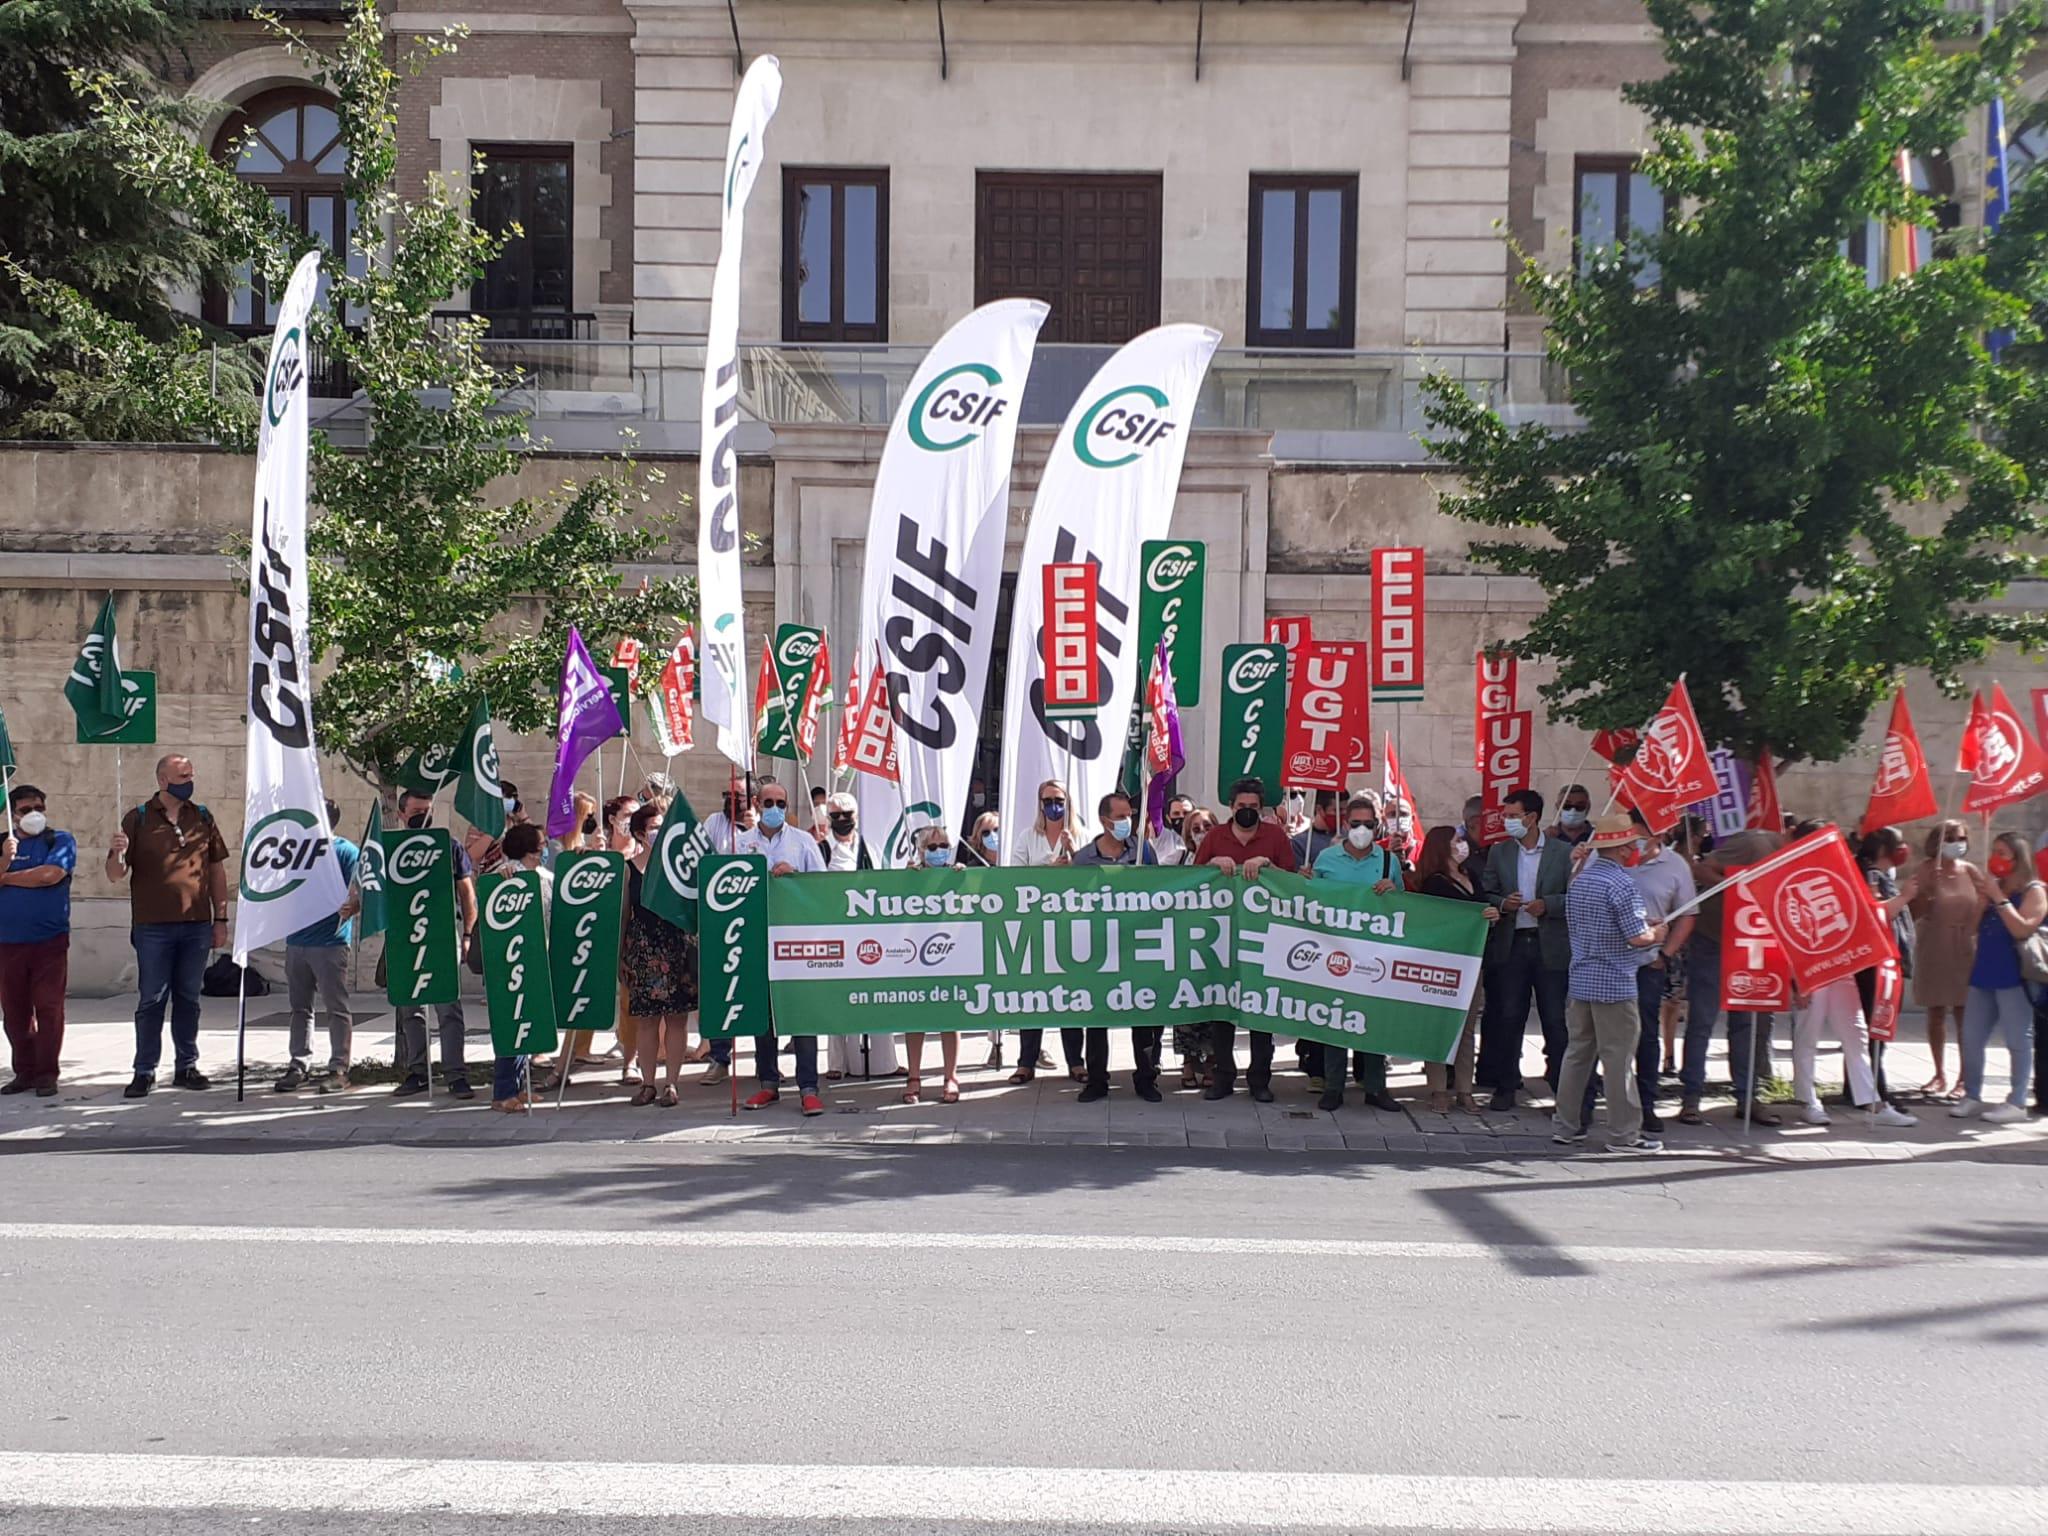 Continúan las protestas por la falta de personal en los centros de Cultura dependientes de la Junta de Andalucía